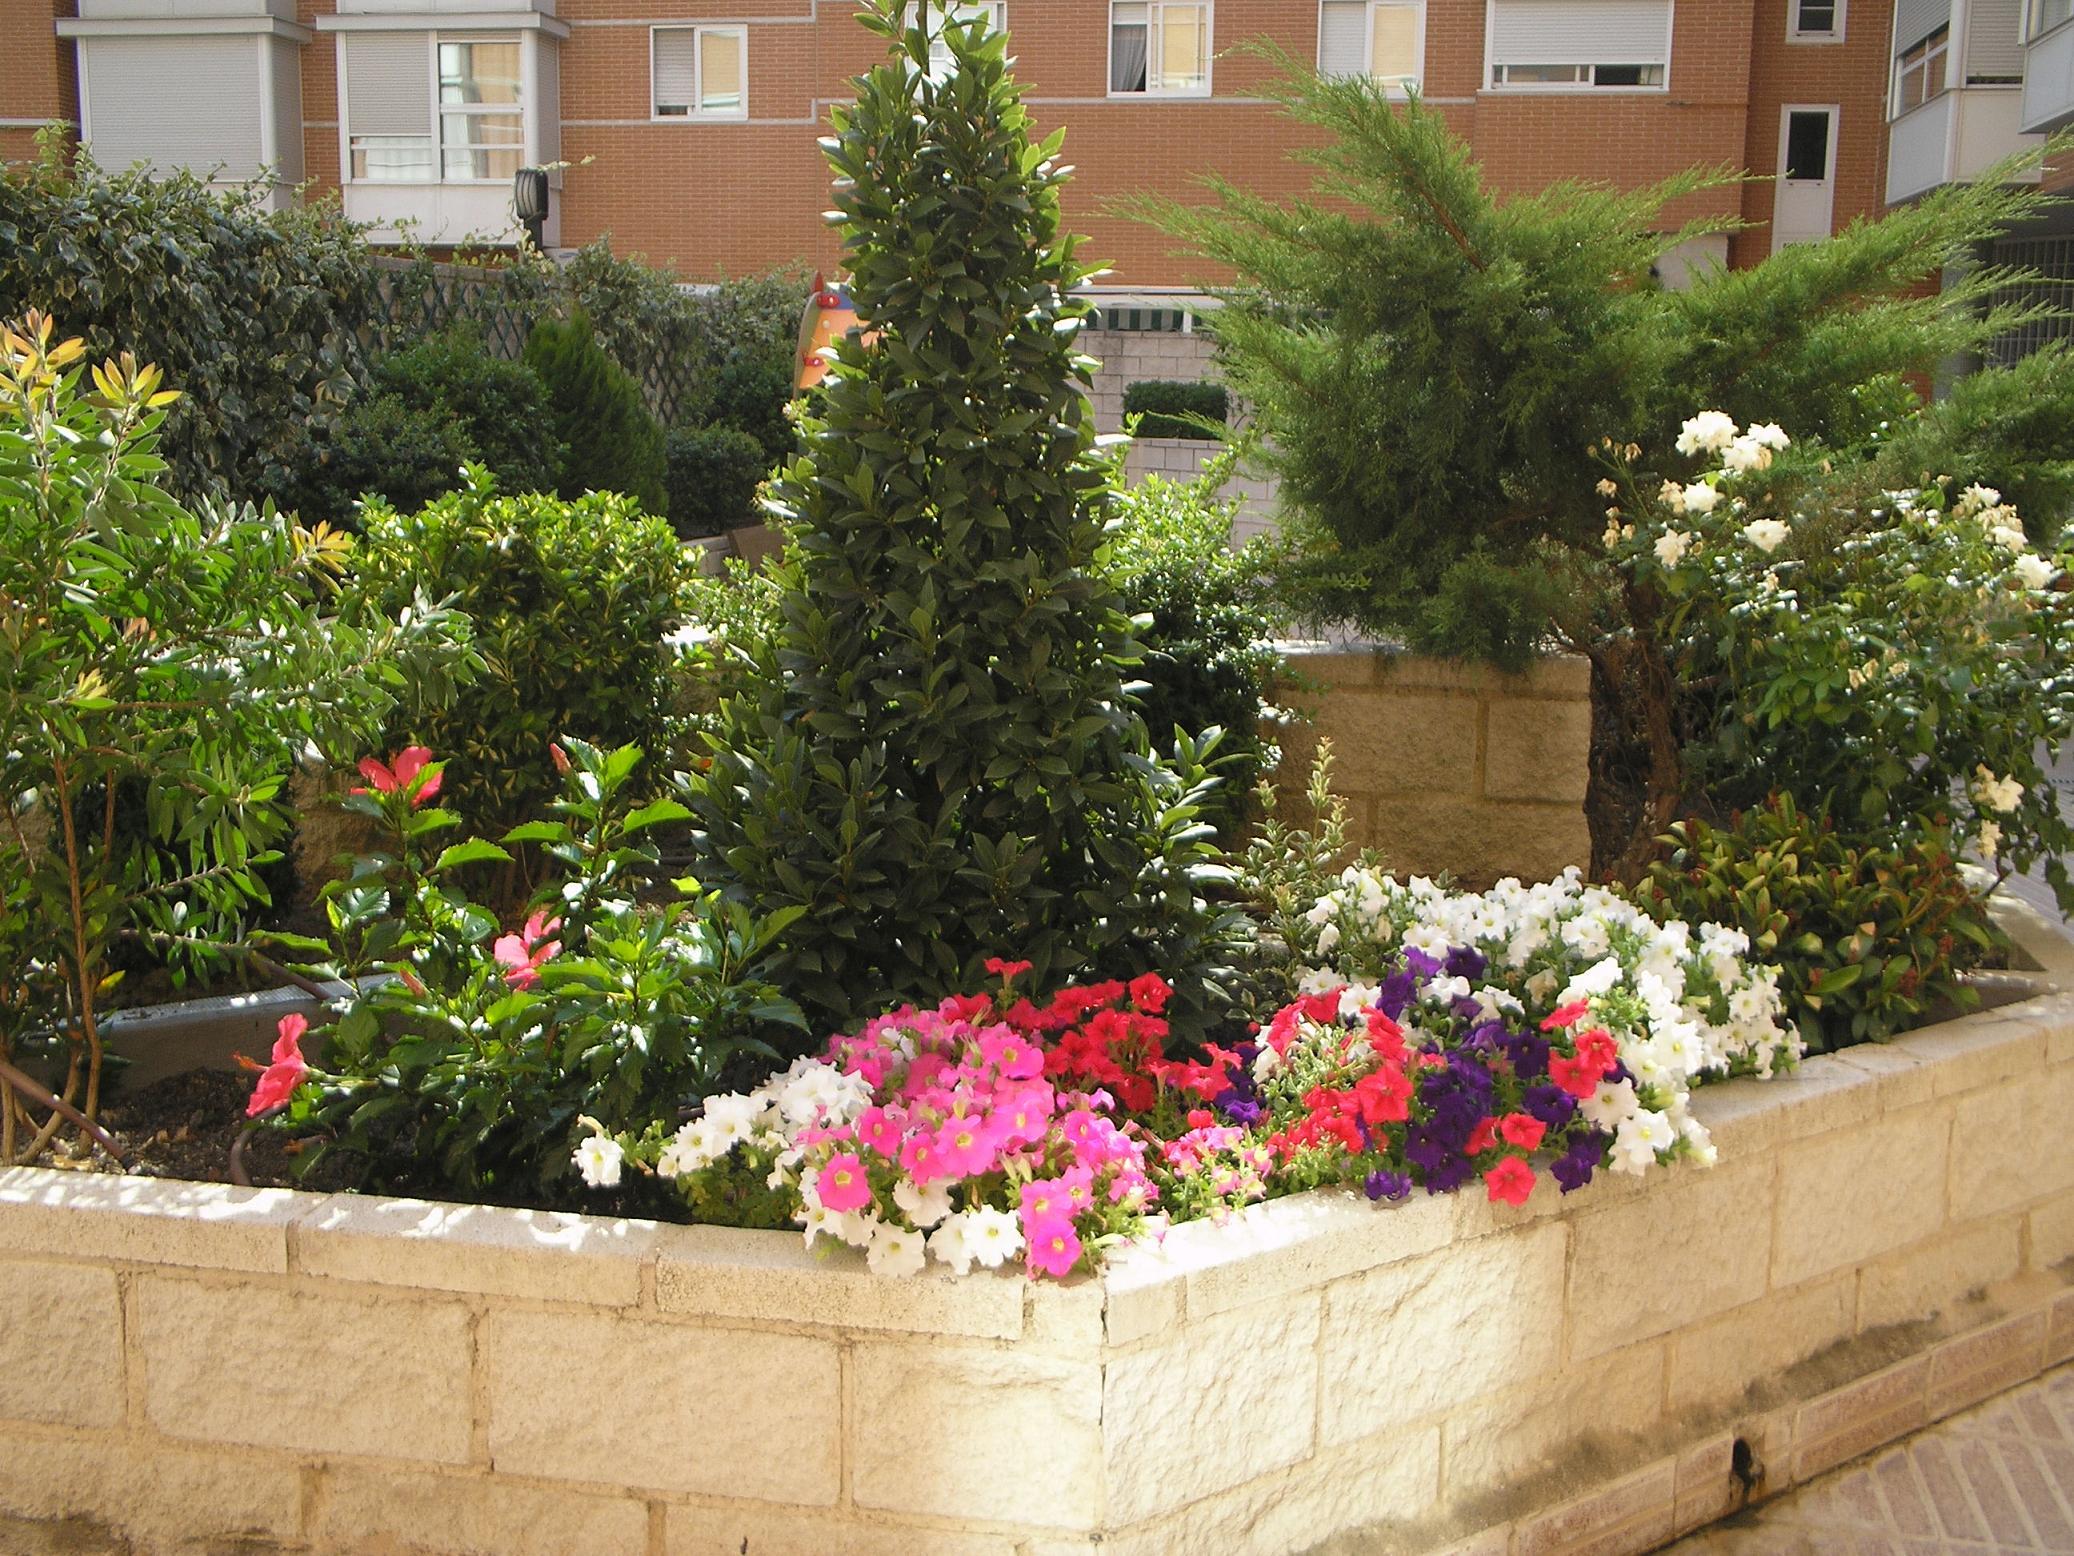 Mantenimiento de jardines y plantas de interior agro and - Jardines y plantas ...